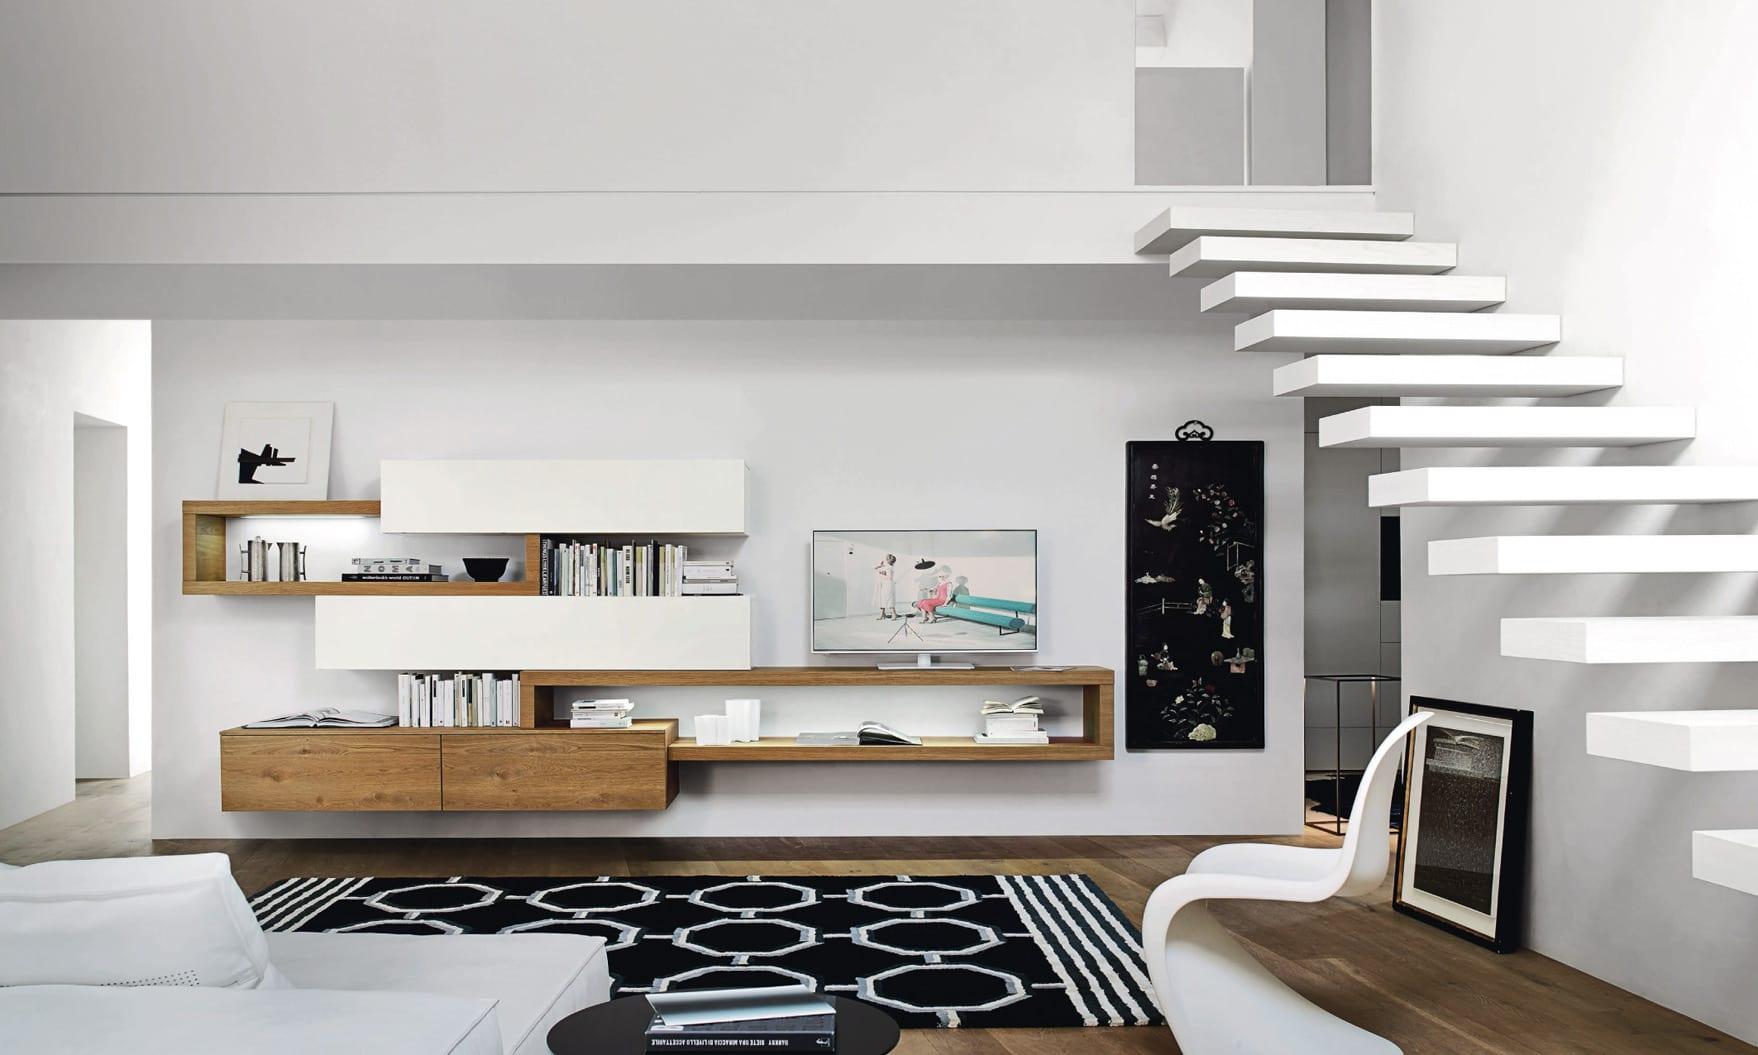 Arredamento soggiorno moderno 3 idee per l 39 autunno for Immagini arredamenti moderni